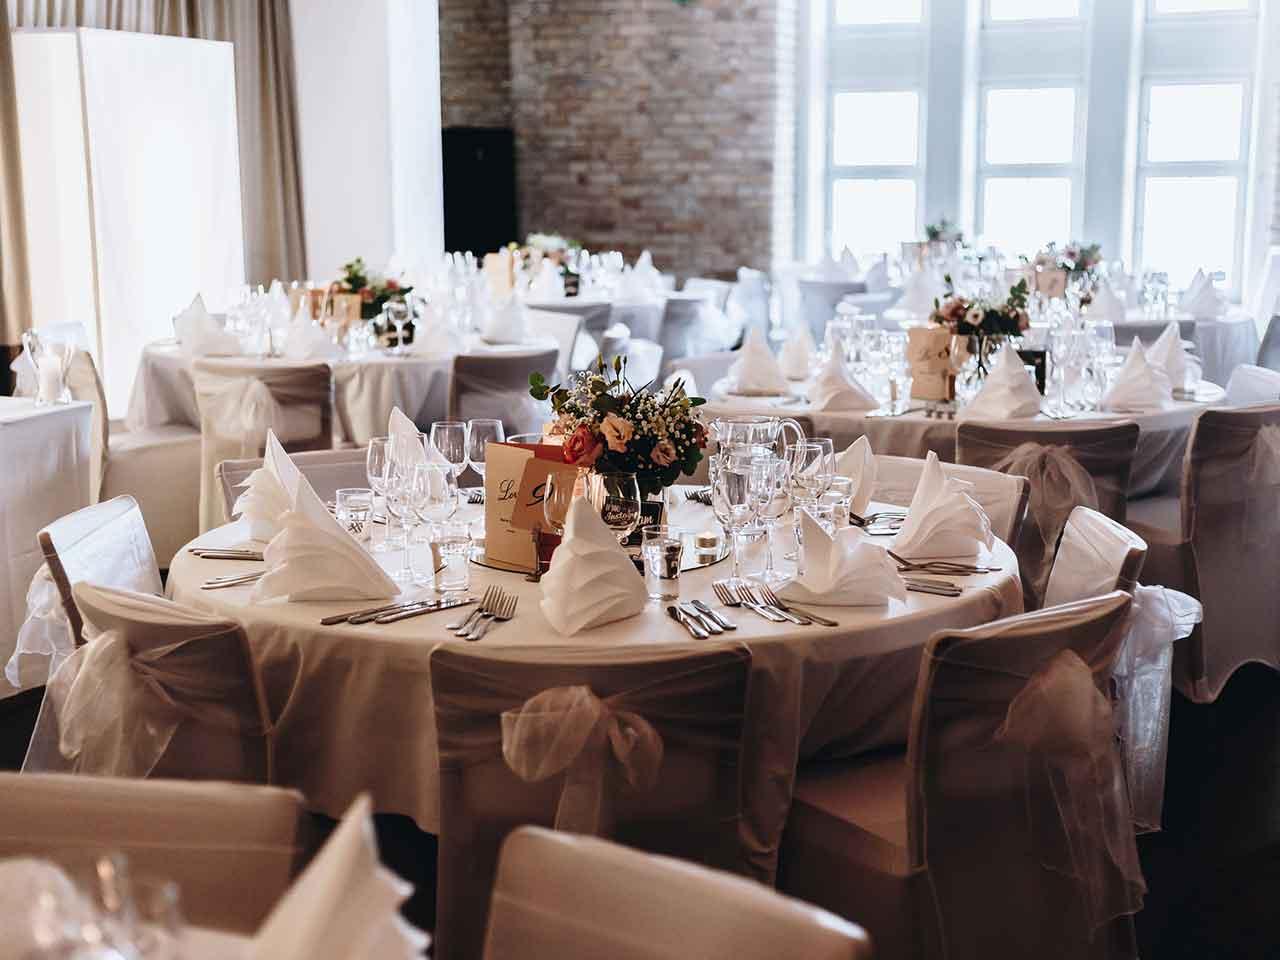 Restaurang Mynchen - Bröllop